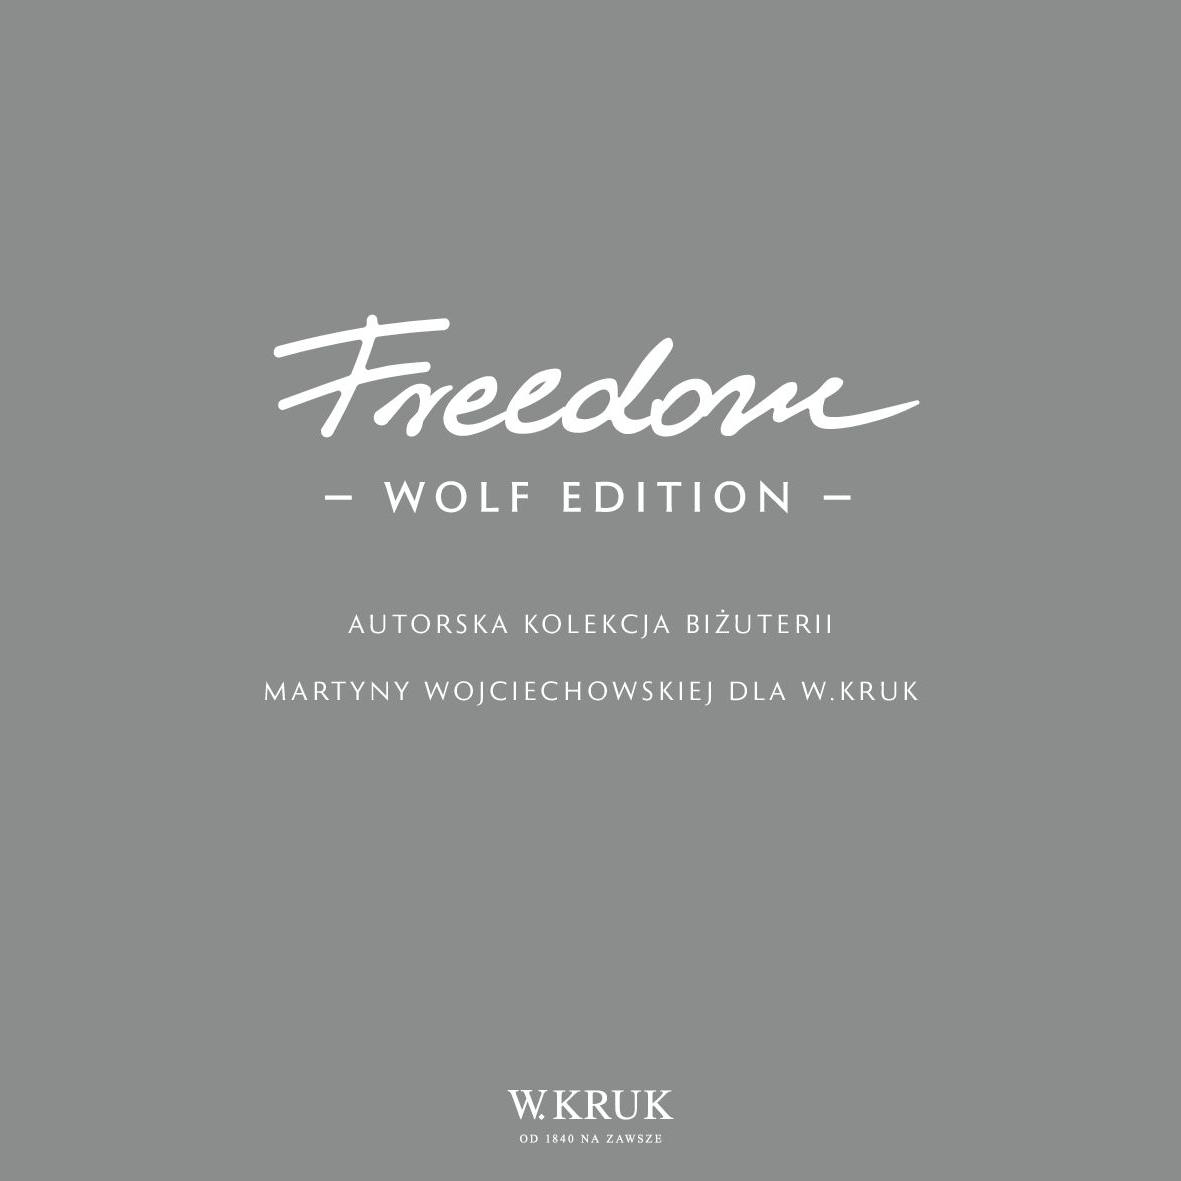 Gazetka W. KRUK: Katalog - Freedom Wolf 2021-02-17 page-3